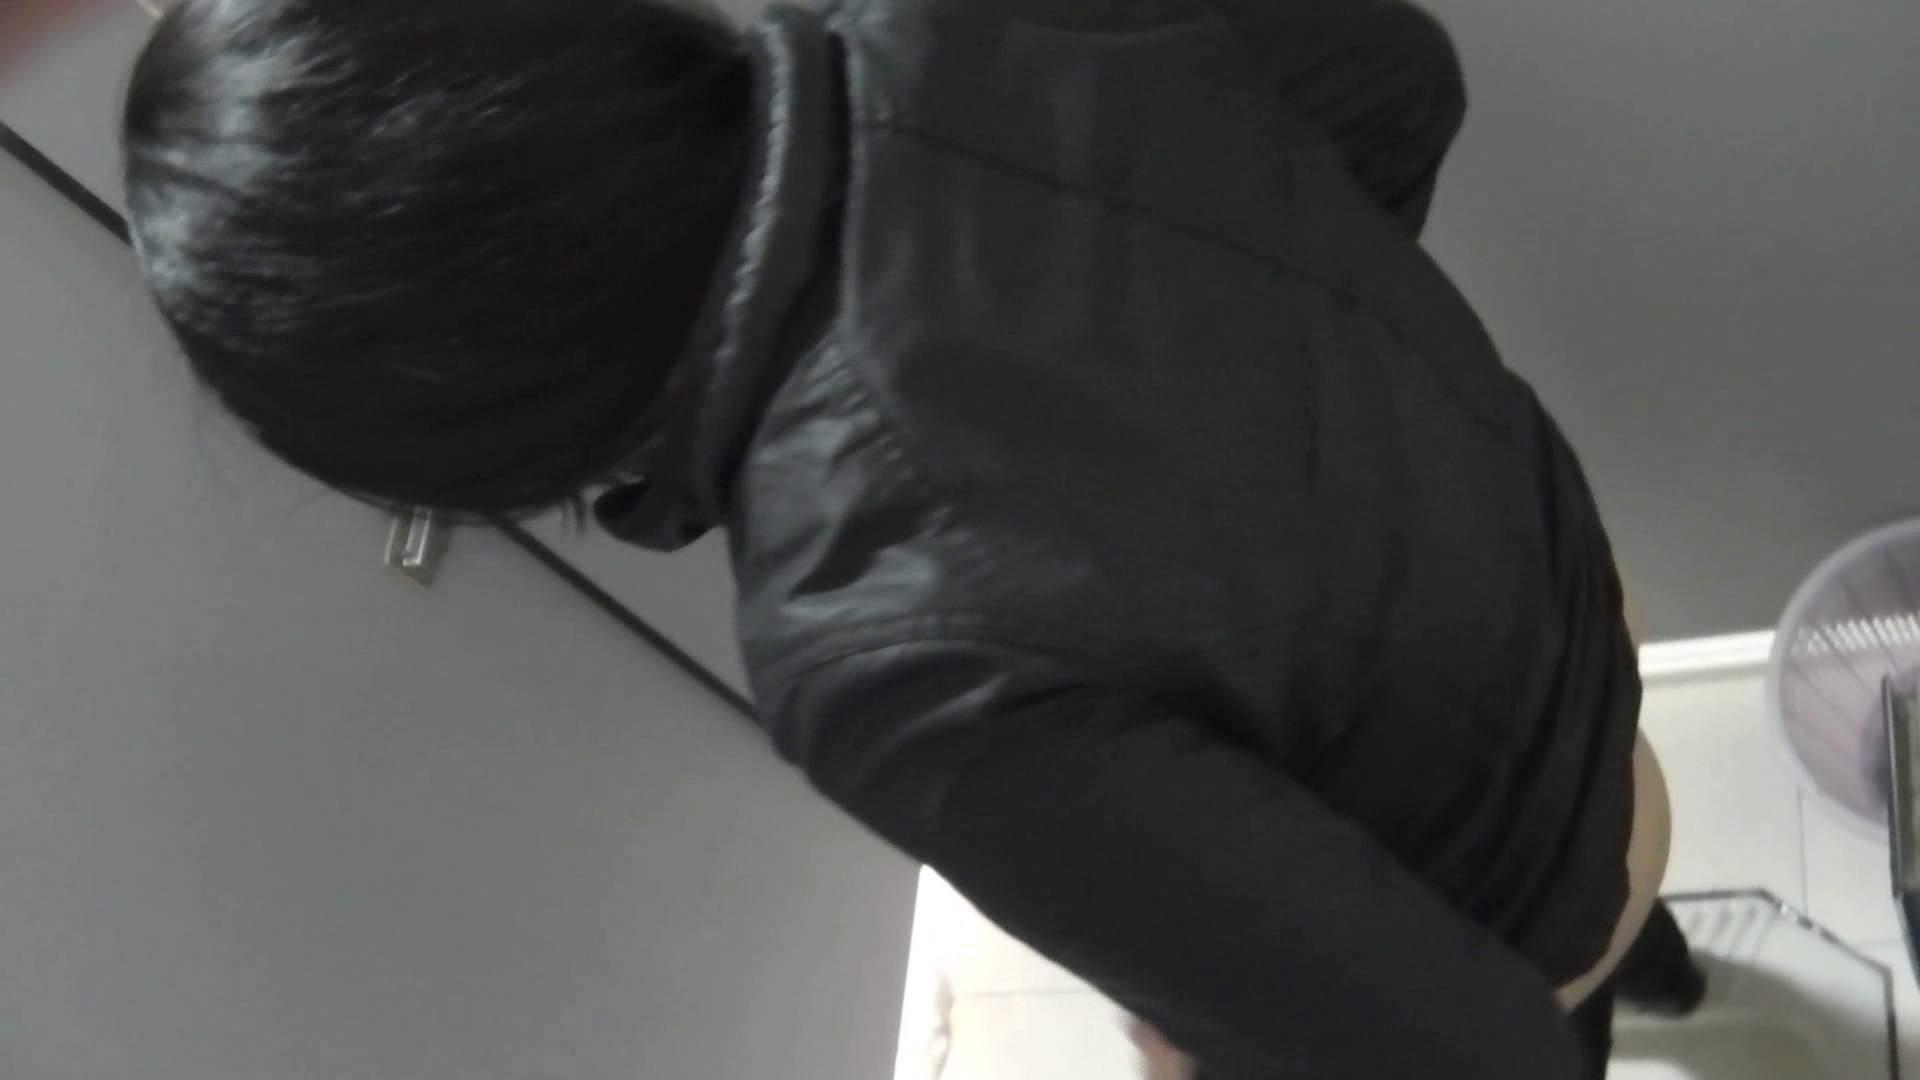 洗面所特攻隊 vol.001 清楚な美脚さん 丸見え セックス画像 75画像 22